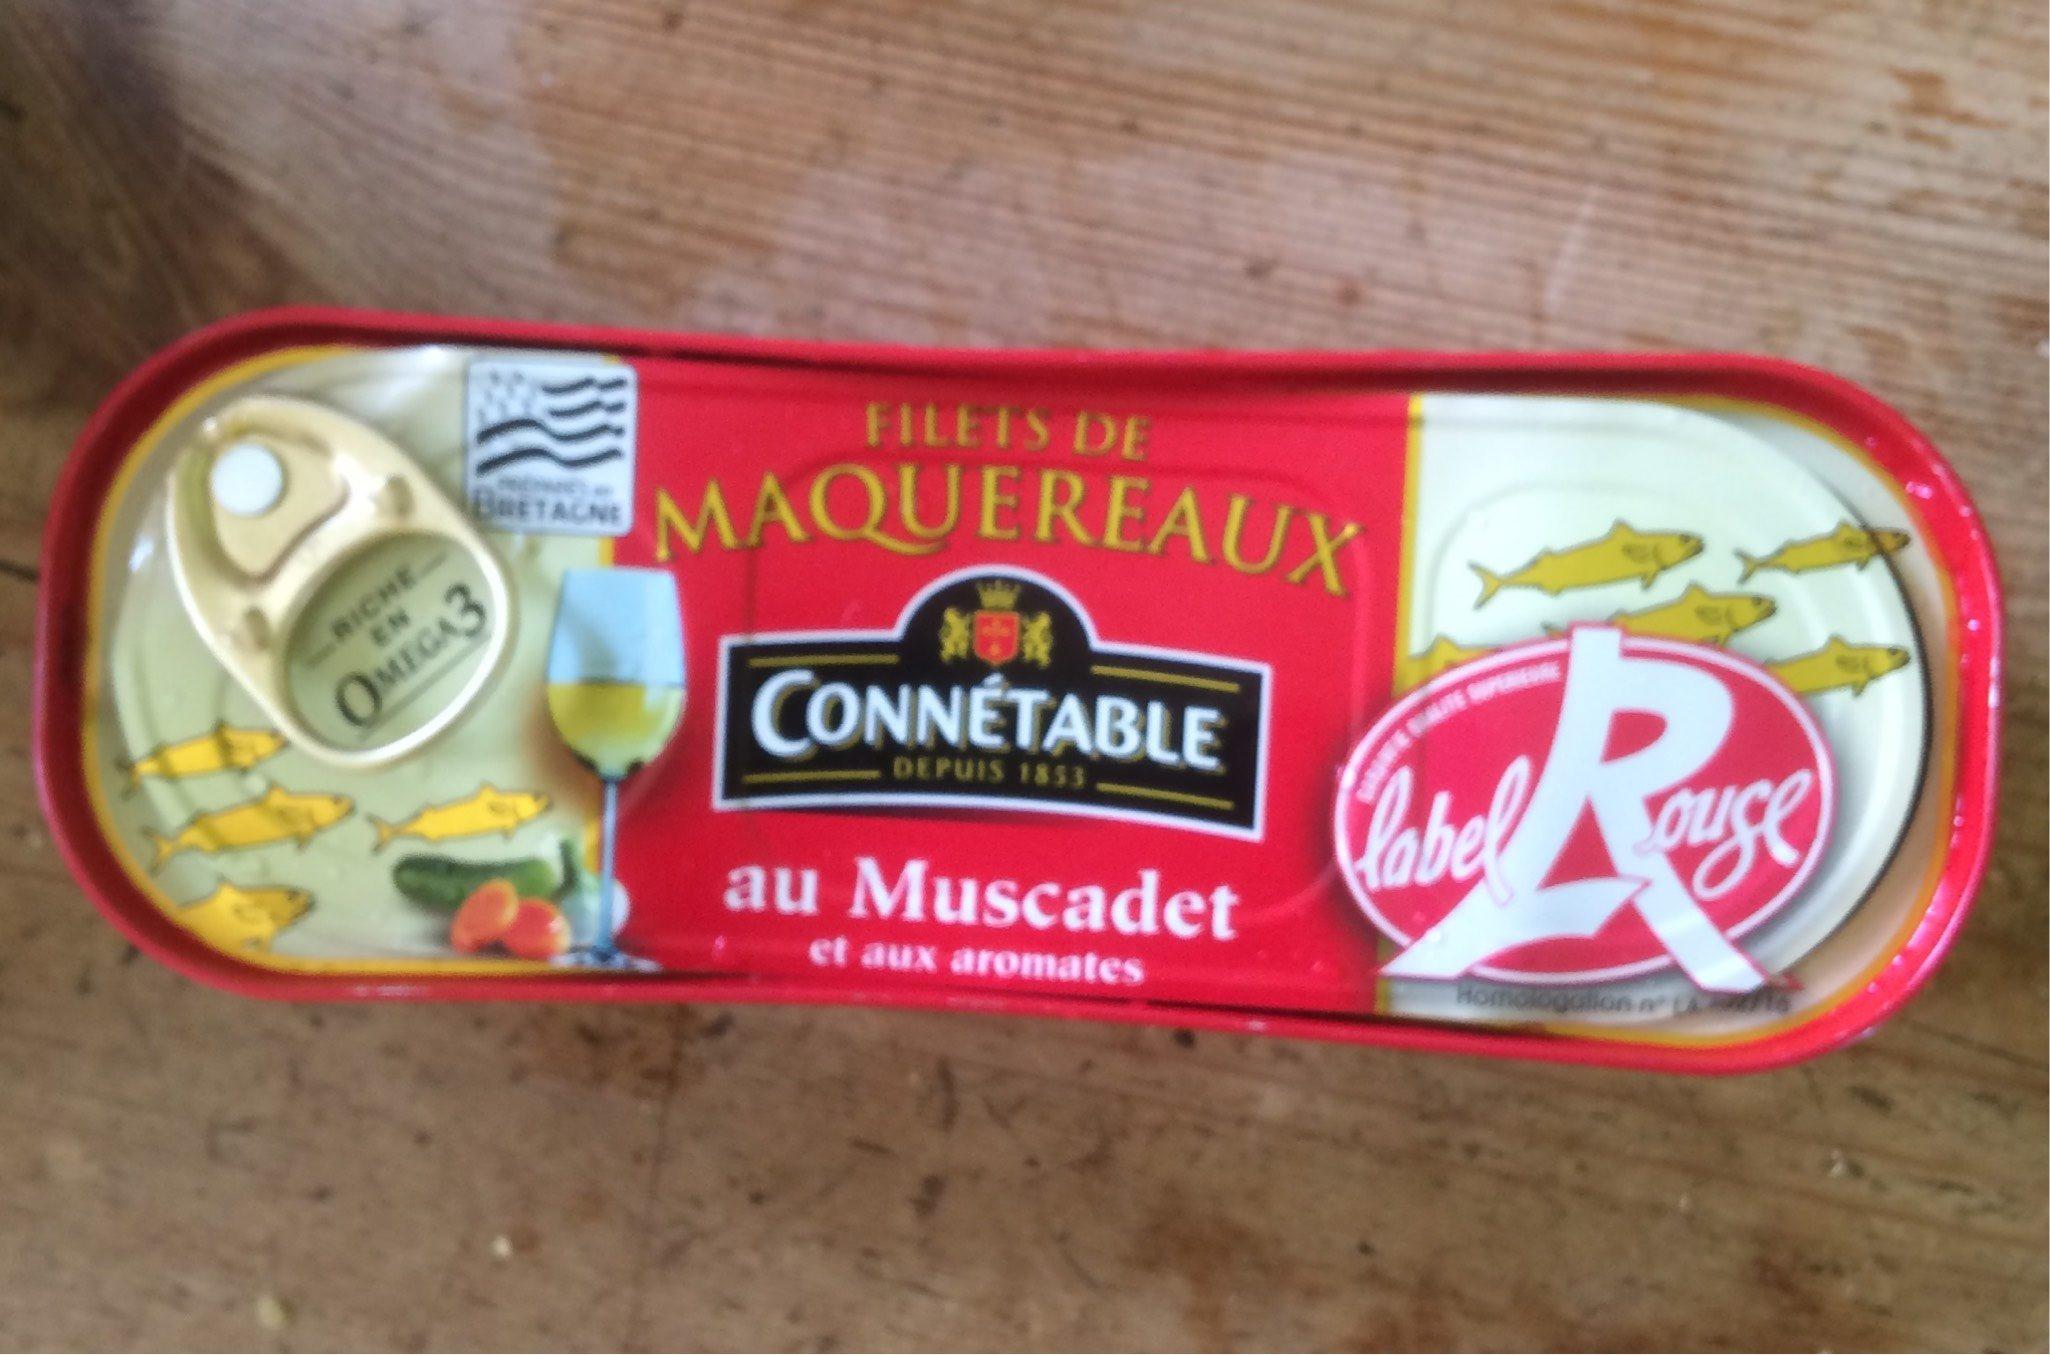 Filet de maquereaux au Muscadet et aux aromates - Product